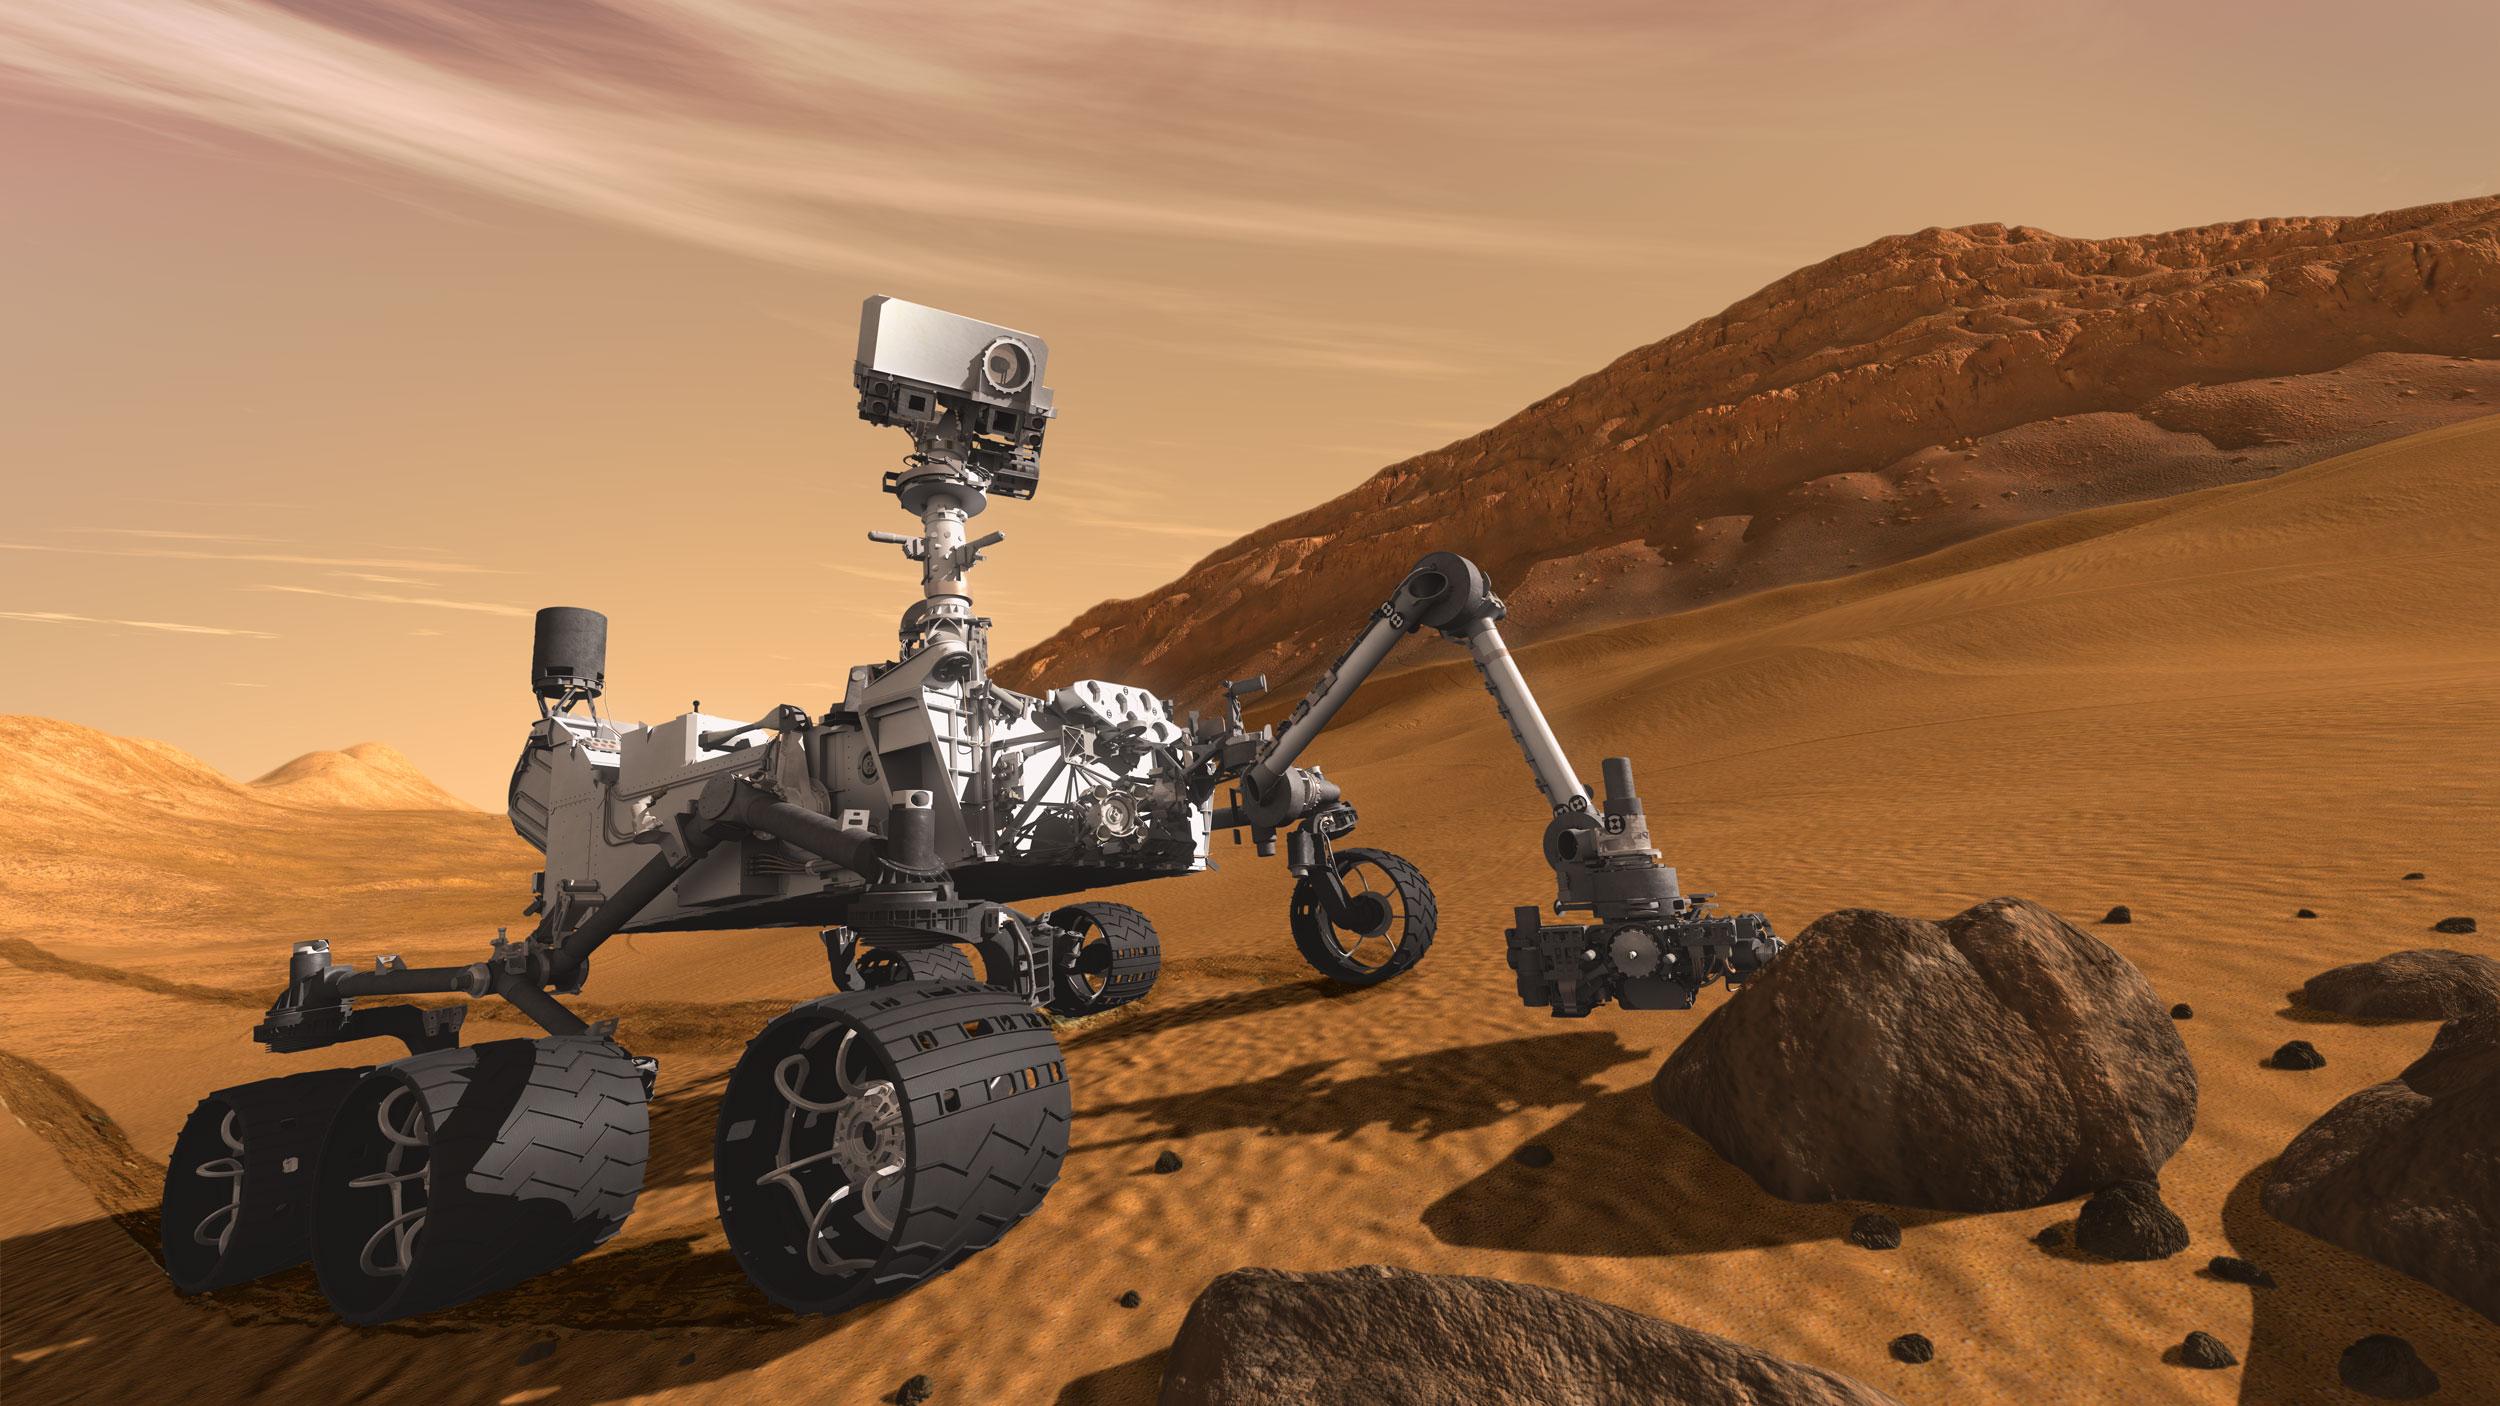 NASA - Mars Rover Curiosity Landing (Registration Required)